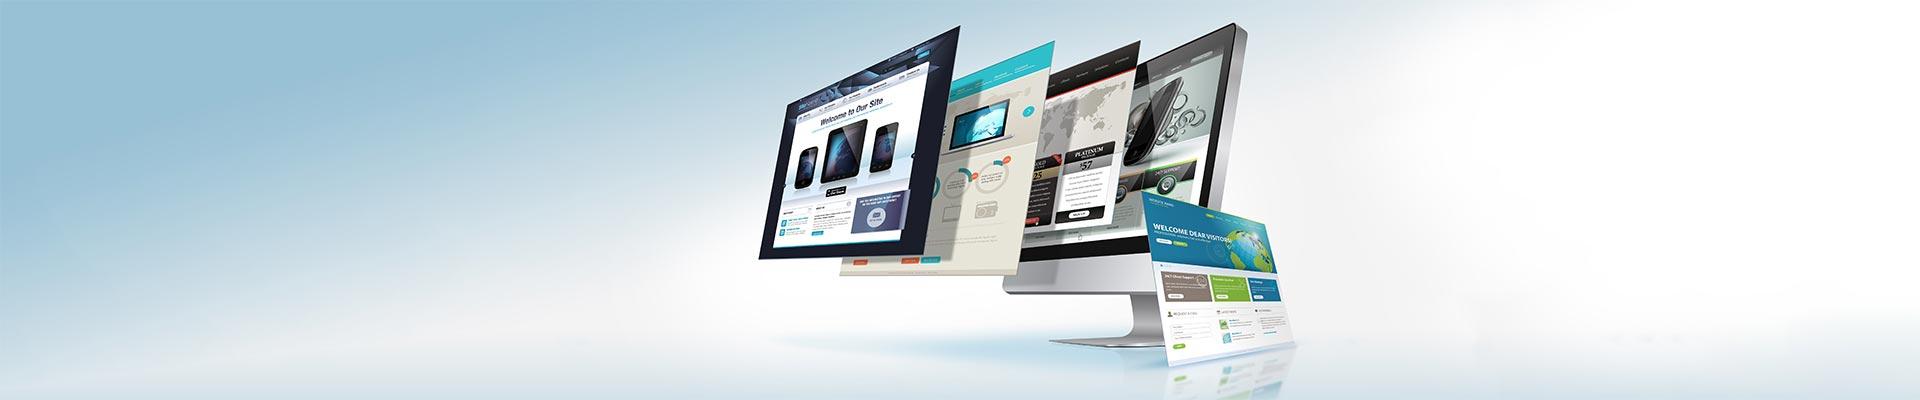 web-Gestaltung-muenchen-webdesign